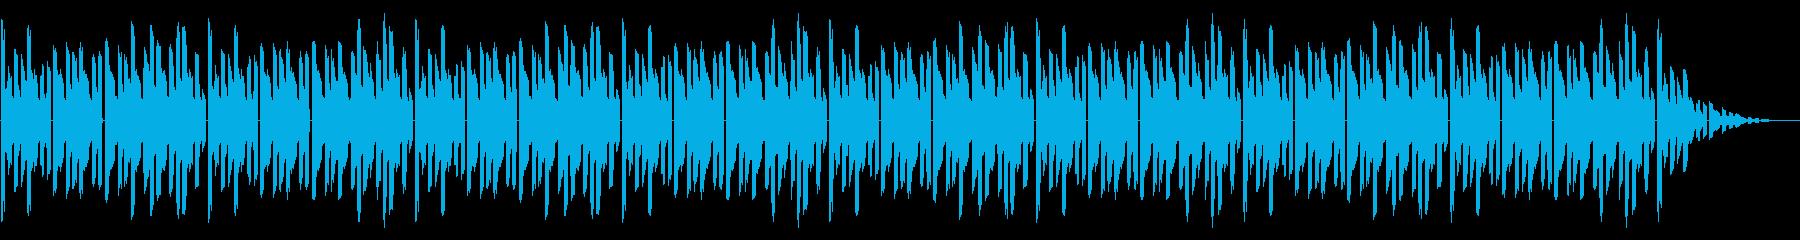 NES RPG A02-1(街1) の再生済みの波形